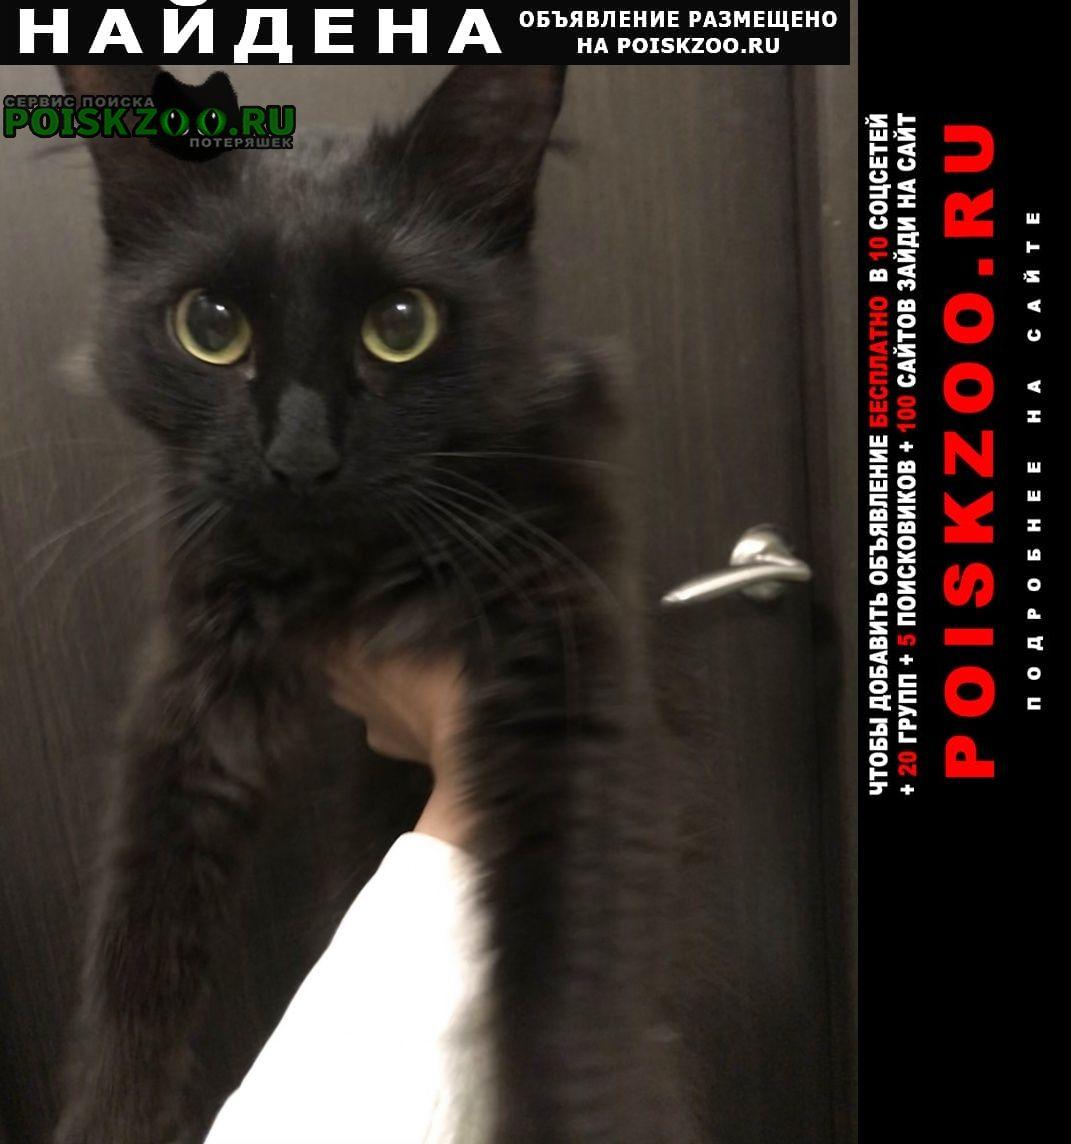 Найдена кошка черная сжм Ростов-на-Дону